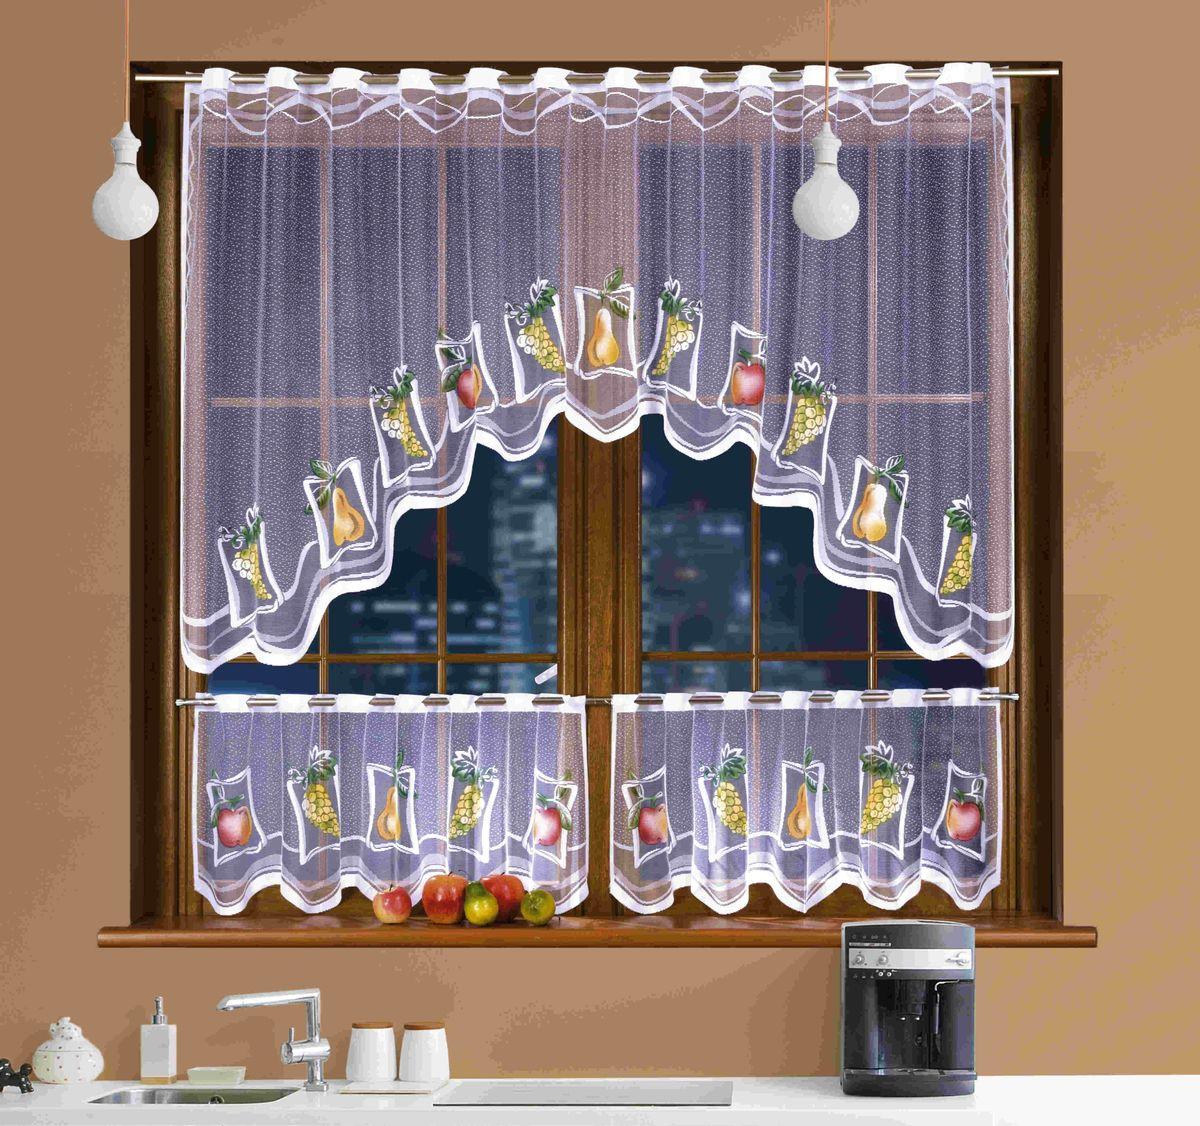 Комплект штор для кухни Wisan Martynika, на кулиске, цвет: белый, высота 250 см3340Комплект штор Wisan Martynika, выполненный из легкого полиэстера белого цвета, станет великолепным украшением кухонного окна. В набор входит шторка и два ламбрекена для нижних створок окна. Тонкое плетение и нежная цветовая гамма привлекут внимание и органично впишутся в интерьер кухни. Штора и ламбрекены оснащены кулиской для размещения на круглом карнизе. В комплект входит: Ламбрекен: 2 шт. Размер (Ш х В): 130 см х 45 см. Штора: 2 шт. Размер (Ш х В): 150 см х 240 см. Фирма Wisan на польском рынке существует уже более пятидесяти лет и является одной из лучших польских фабрик по производству штор и тканей. Ассортимент фирмы представлен готовыми комплектами штор для гостиной, детской, кухни, а также текстилем для кухни (скатерти, салфетки, дорожки, кухонные занавески). Модельный ряд отличает оригинальный дизайн, высокое качество. Ассортимент продукции постоянно пополняется.